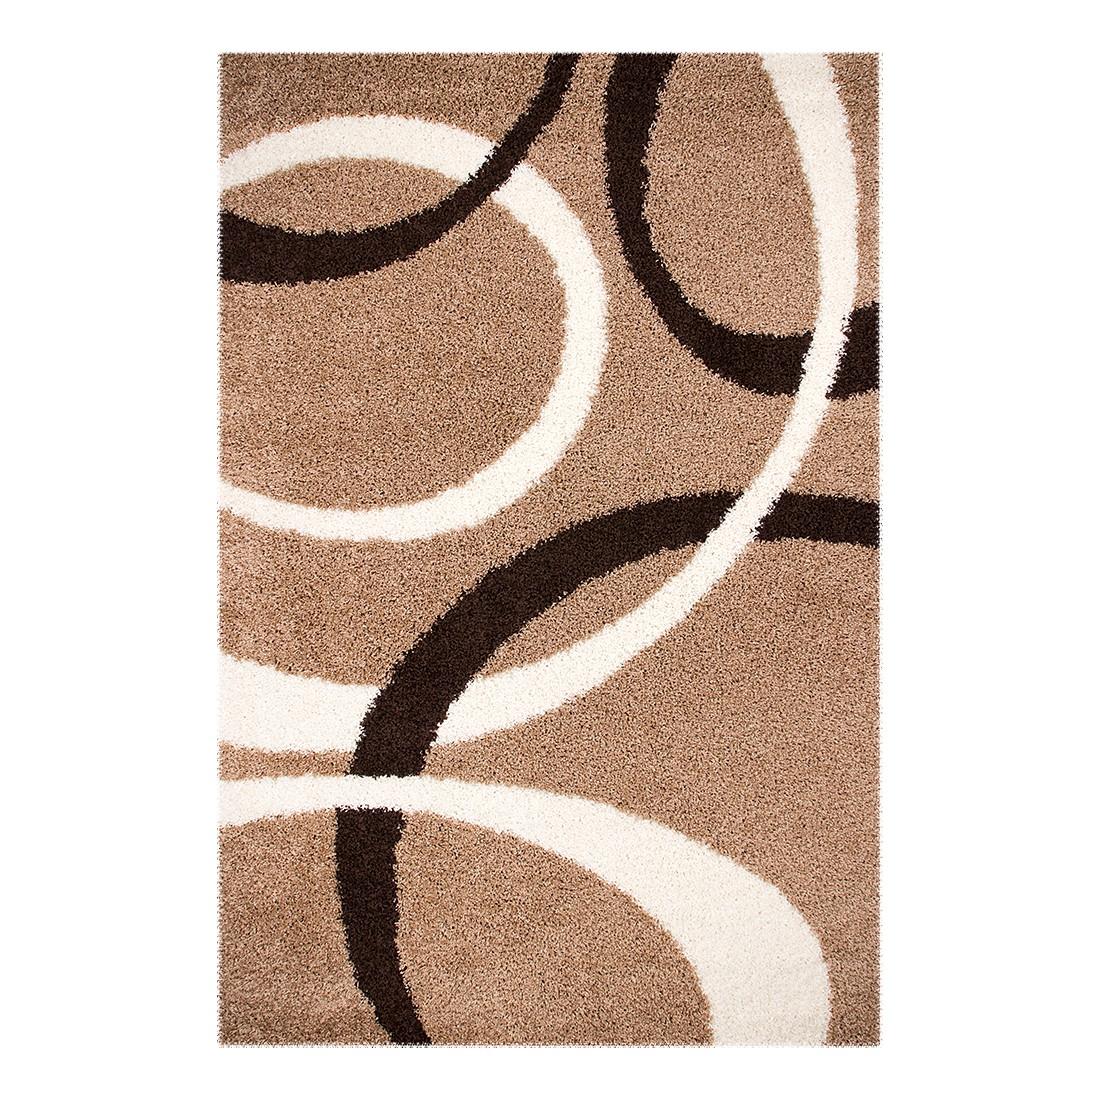 Teppich Dresden – Beige – 120 x 170 cm, Kayoom jetzt kaufen